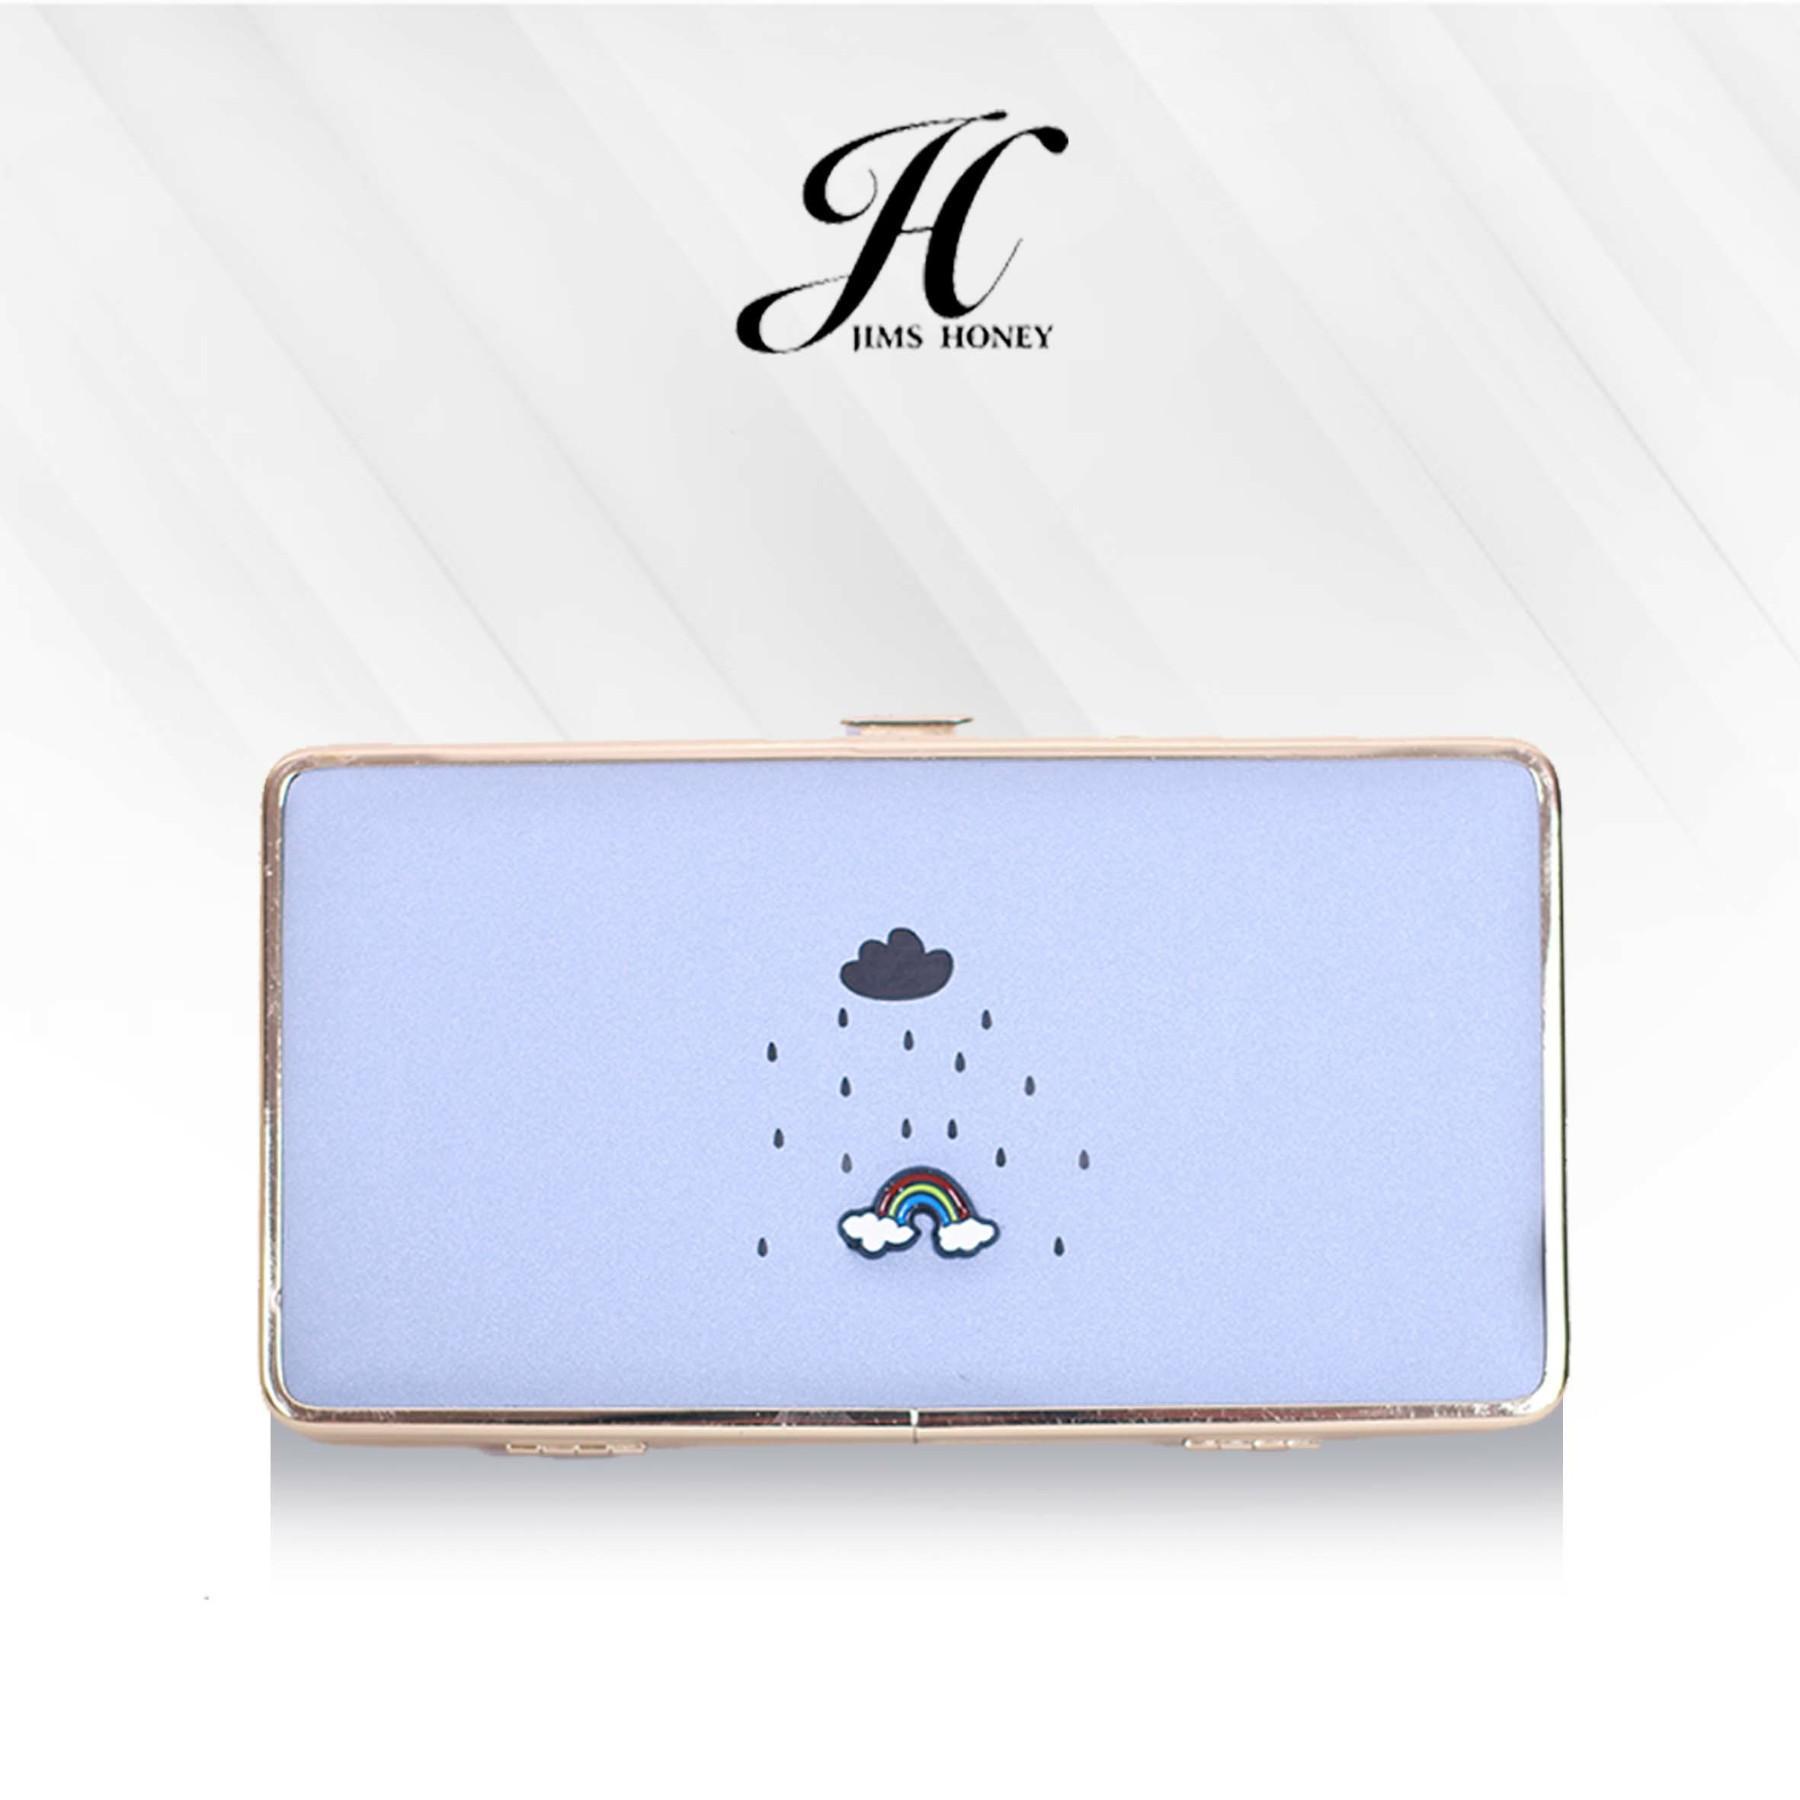 Dompet Panjang Wanita Jims Honey Rainbow Wallet Tas Wanita Lazada Tas Wanita  Branded Tas Wanita Terbaru b628173459